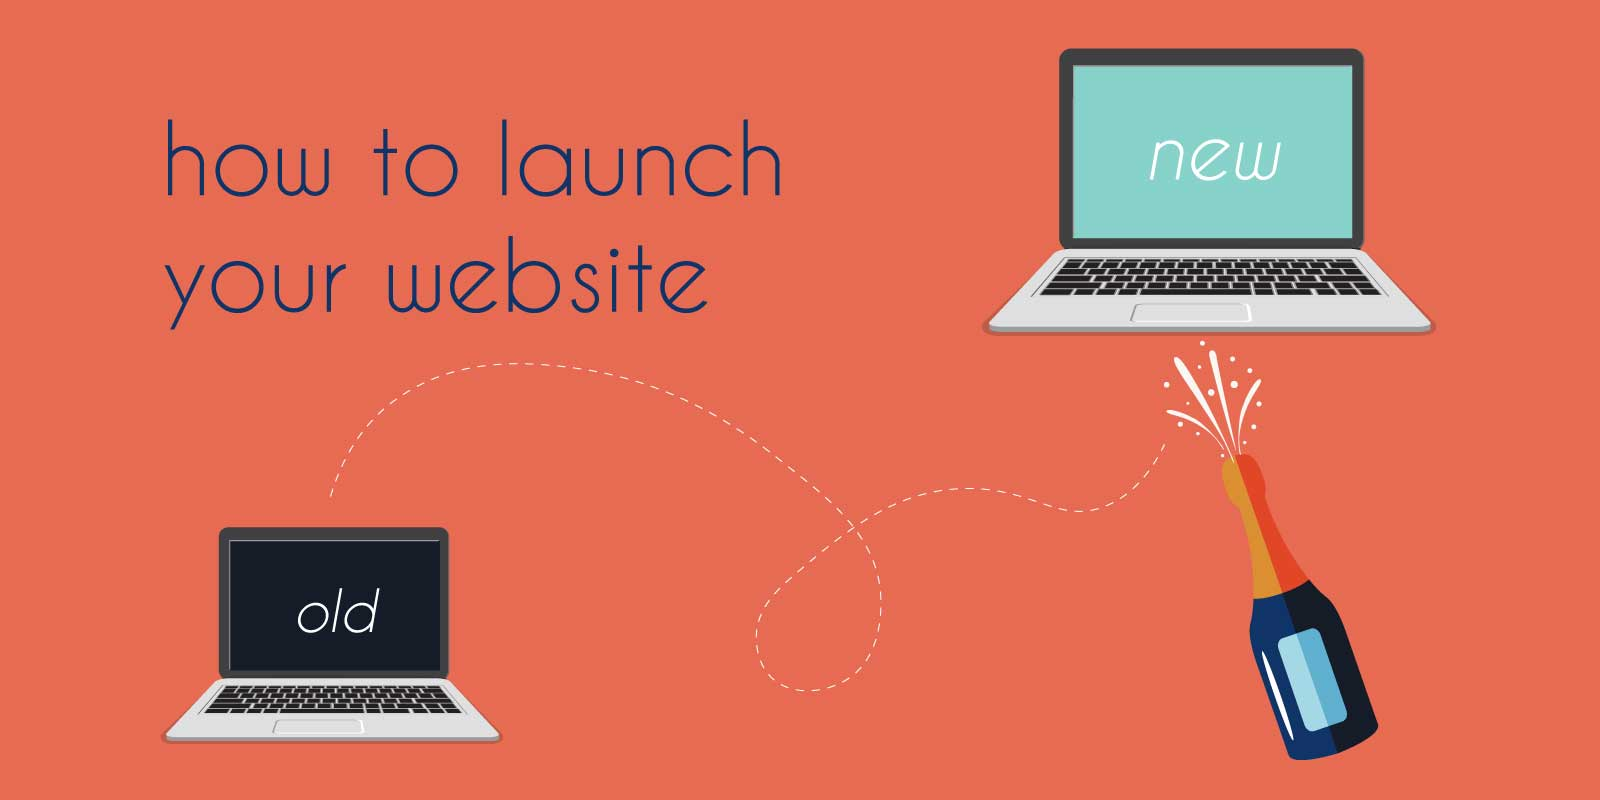 nonprofit-website-launch-promotion